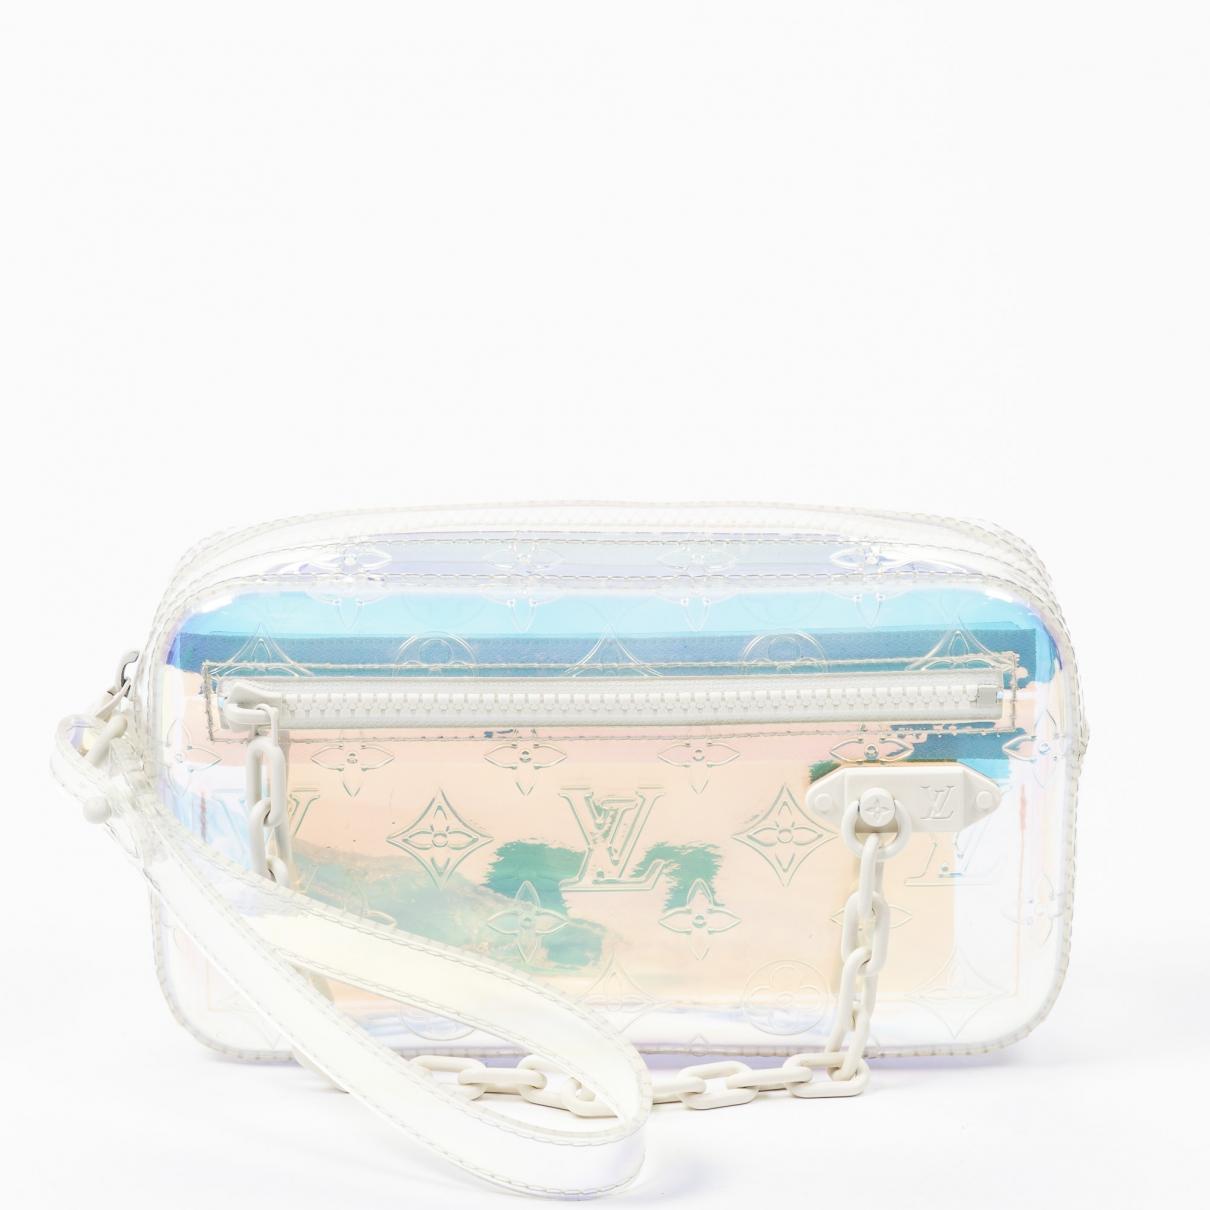 Louis Vuitton Pochette Trunk Handtasche in  Weiss Leder